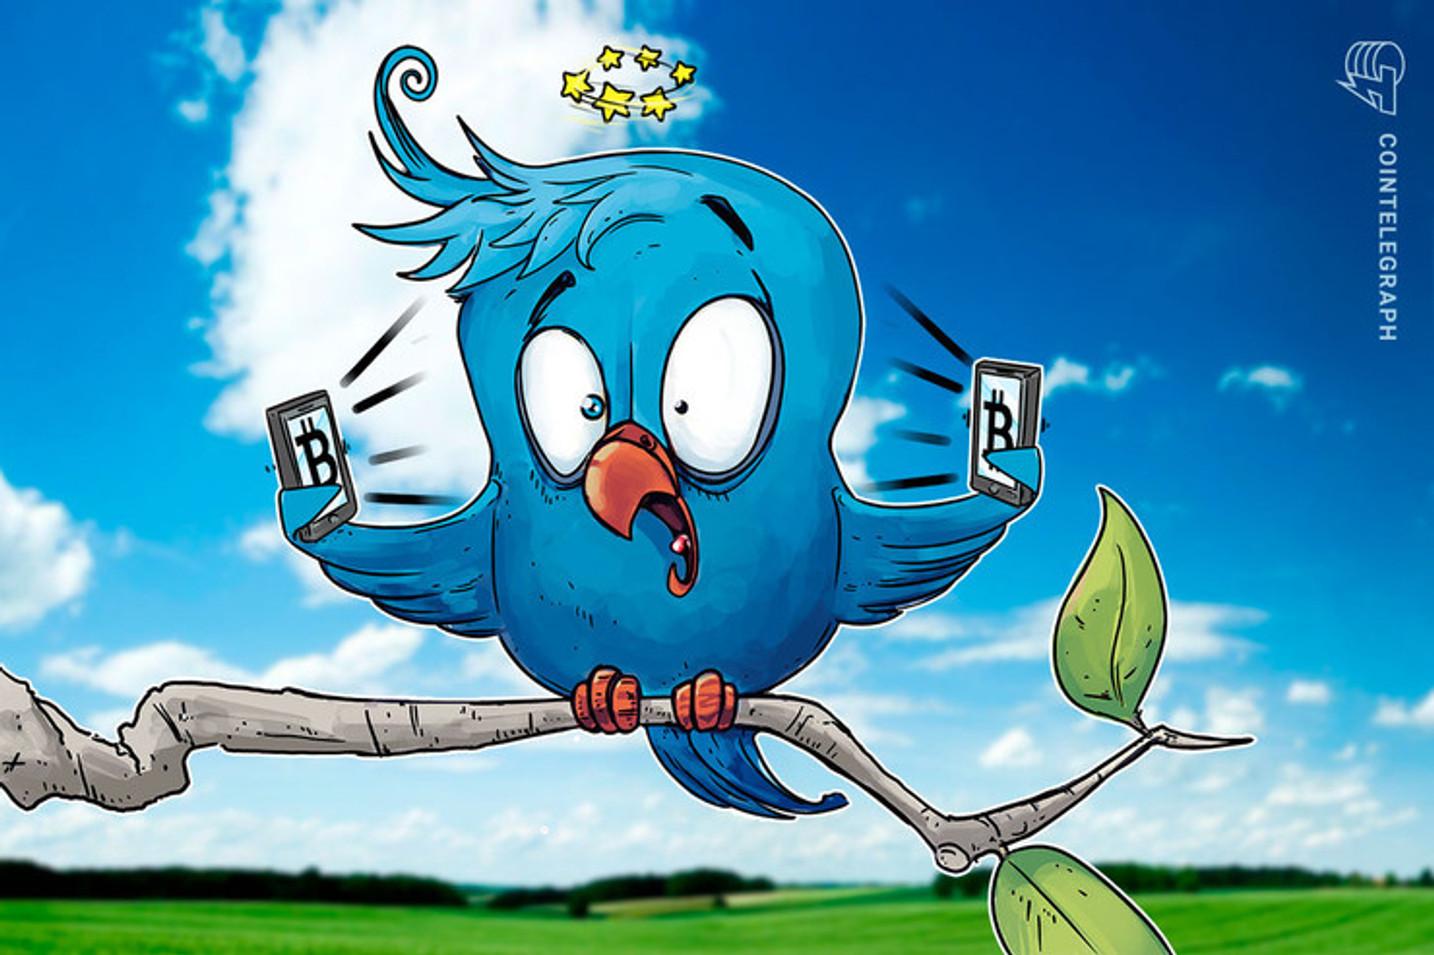 La influencia de Twitter en los precios de bitcoin y otras criptomonedas